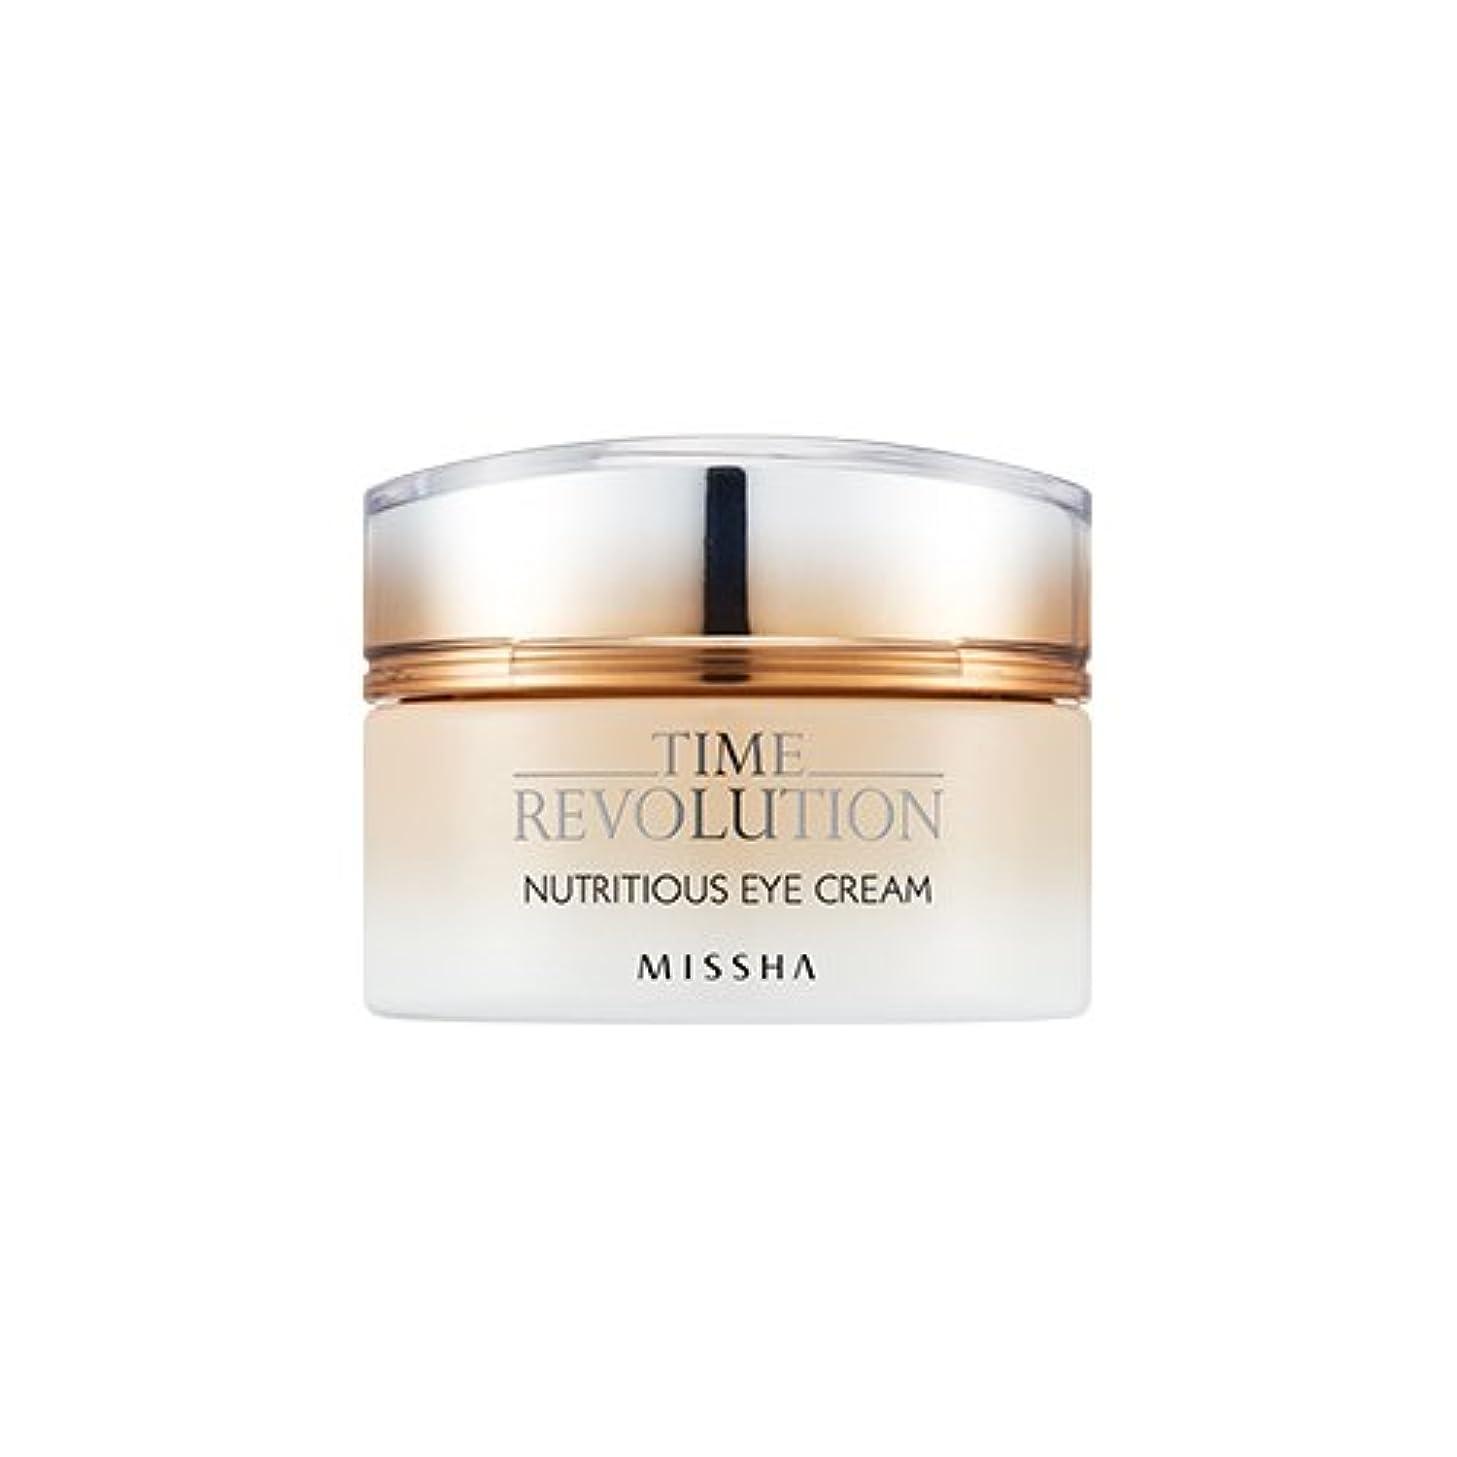 許容失効正午[New] MISSHA Time Revolution Nutritious Eye Cream 25ml/ミシャ タイム レボリューション ニュートリシャス アイクリーム 25ml [並行輸入品]